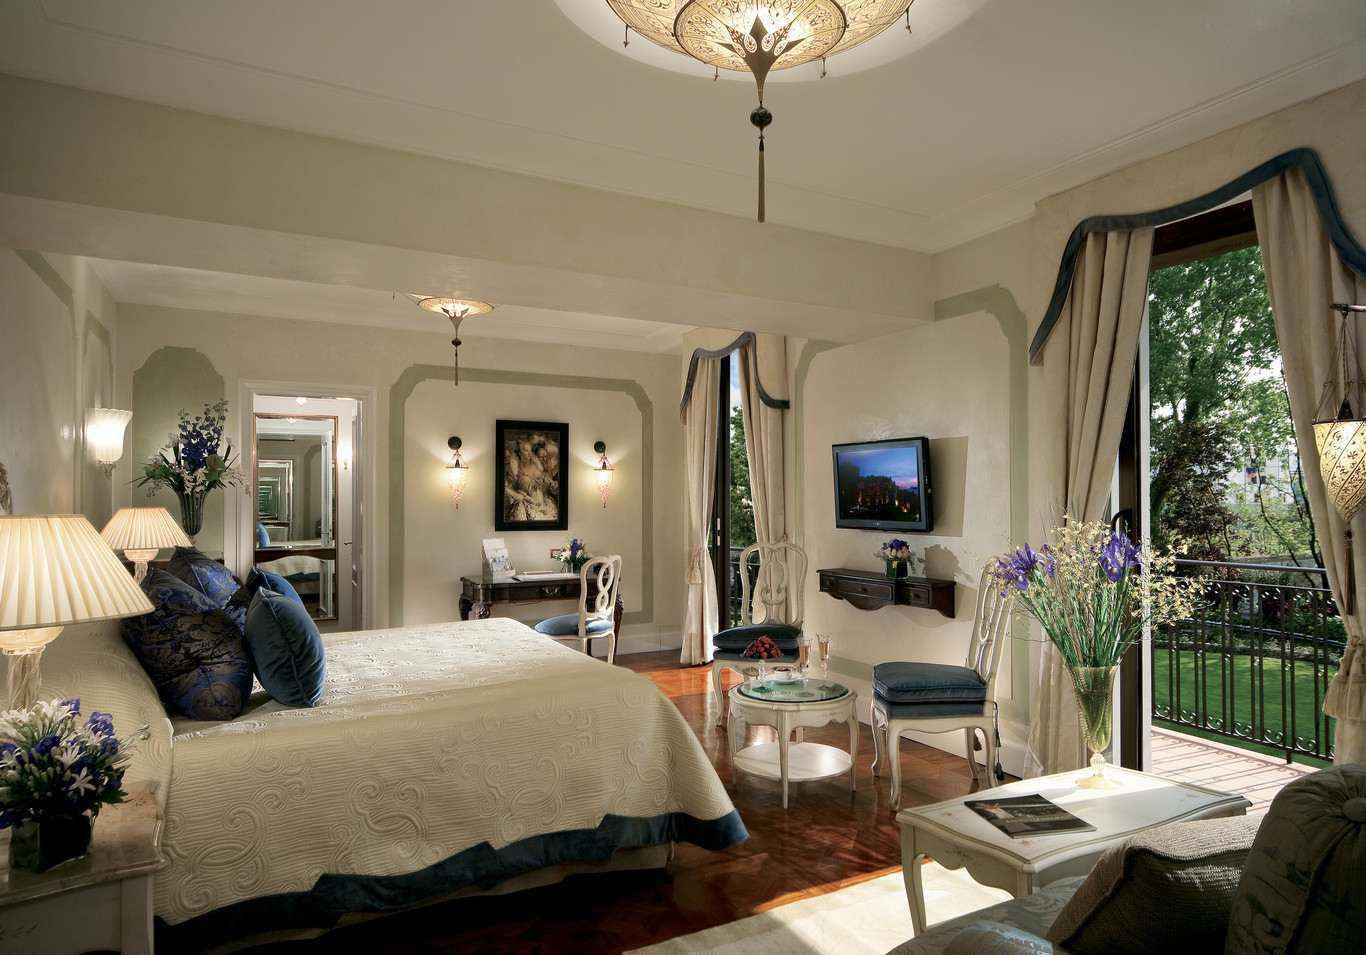 فنادق البندقية ، تعرف على افضل فنادق فينيسيا القريبة من معالم السياحة في فينيسيا